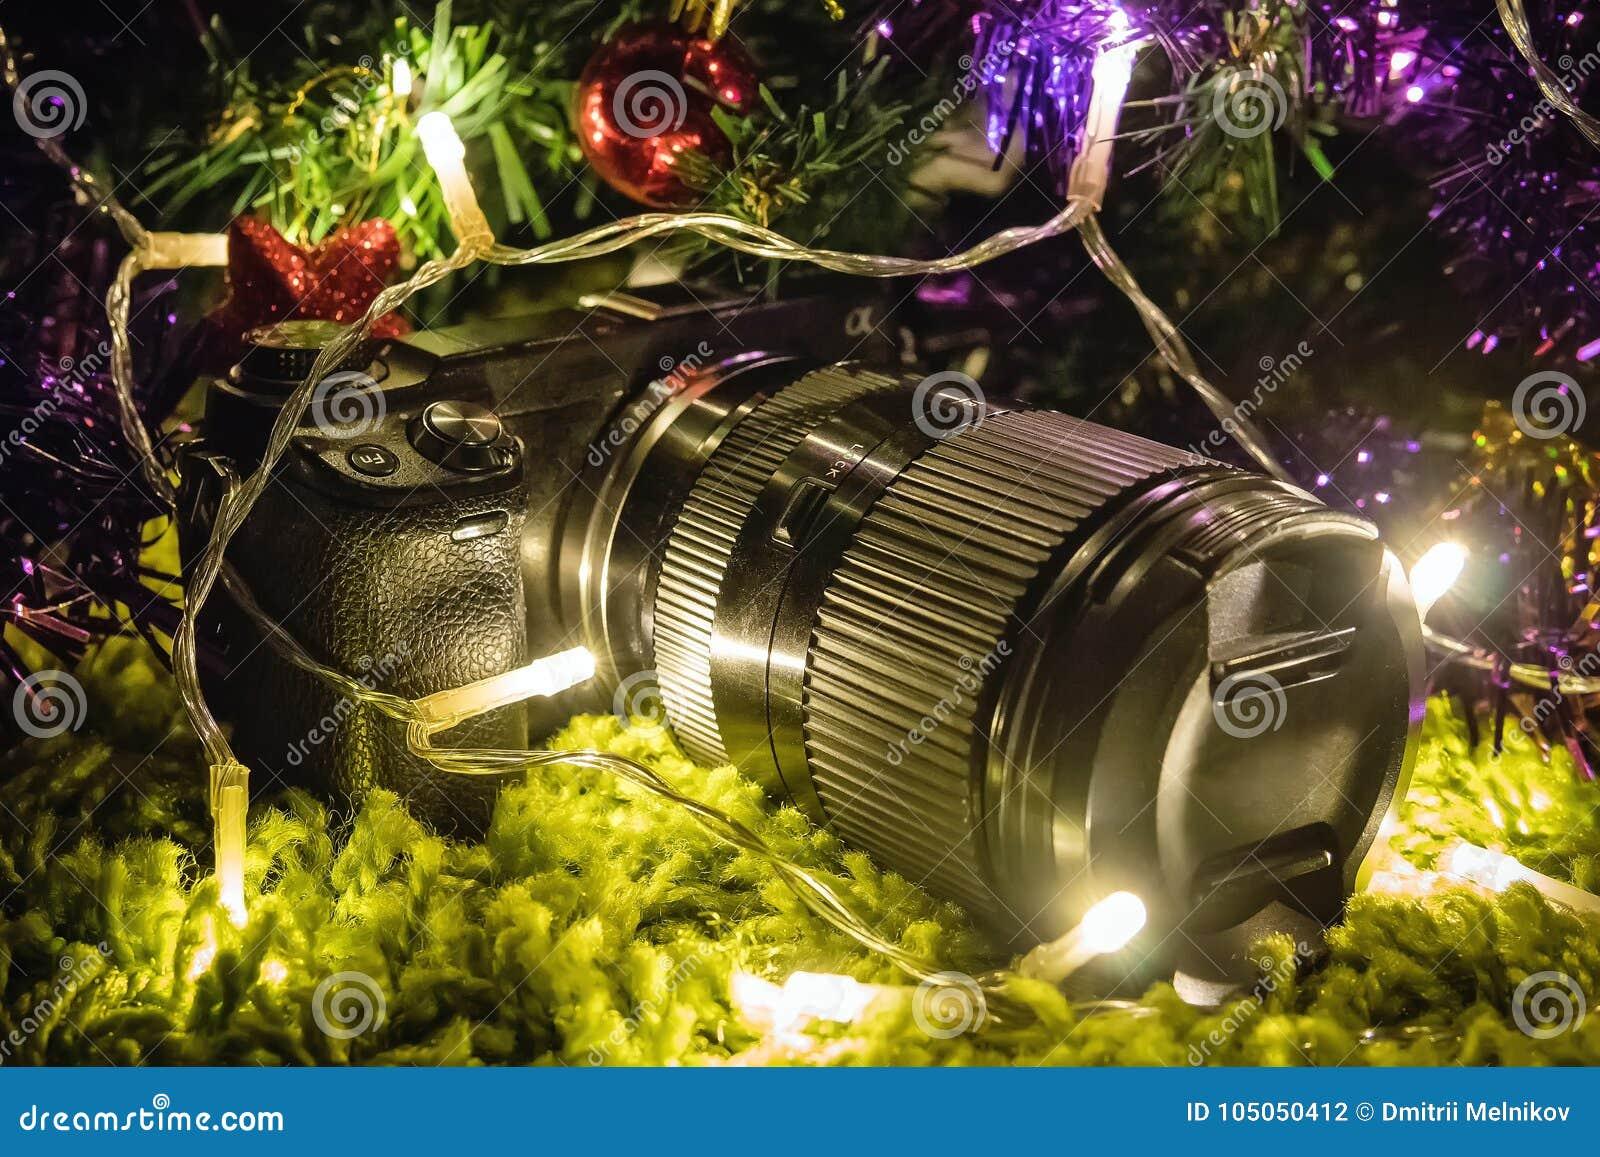 Fotos Profesionales De Navidad.Camara Profesional Como Regalo Por Ano Nuevo O La Navidad